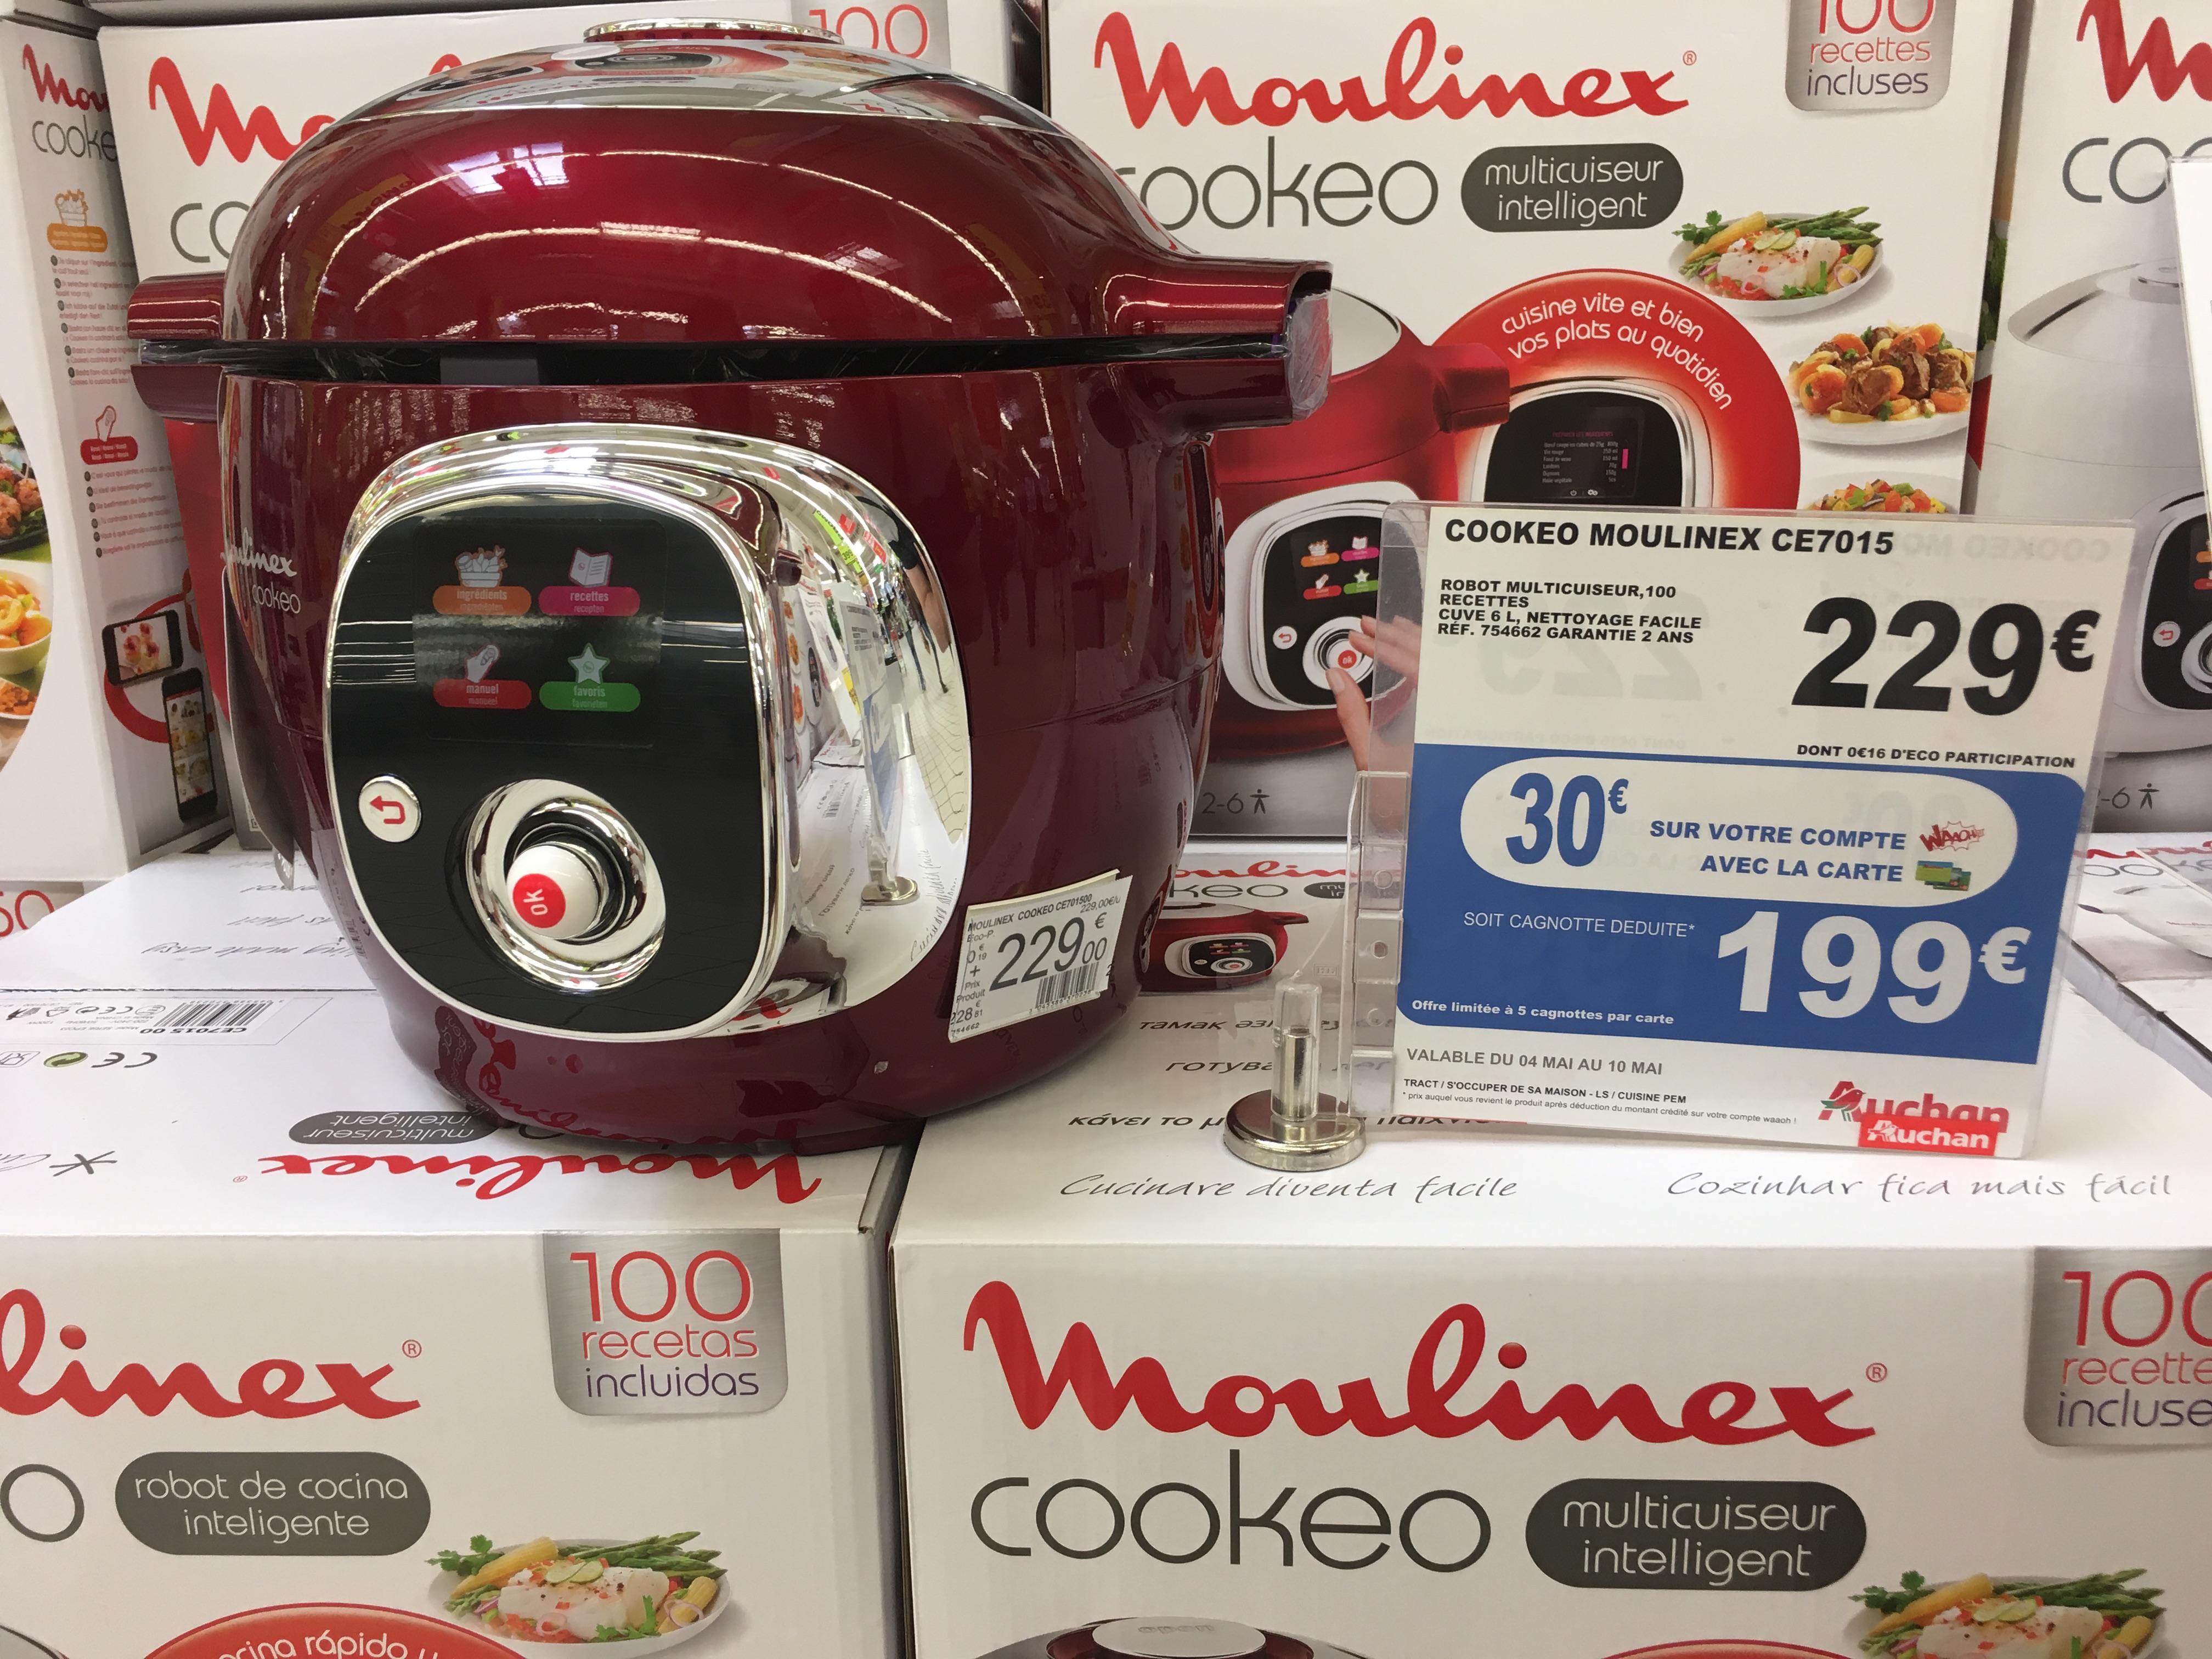 robot multicuiseur moulinex cookeo ce7015 rouge via 30 sur la carte. Black Bedroom Furniture Sets. Home Design Ideas